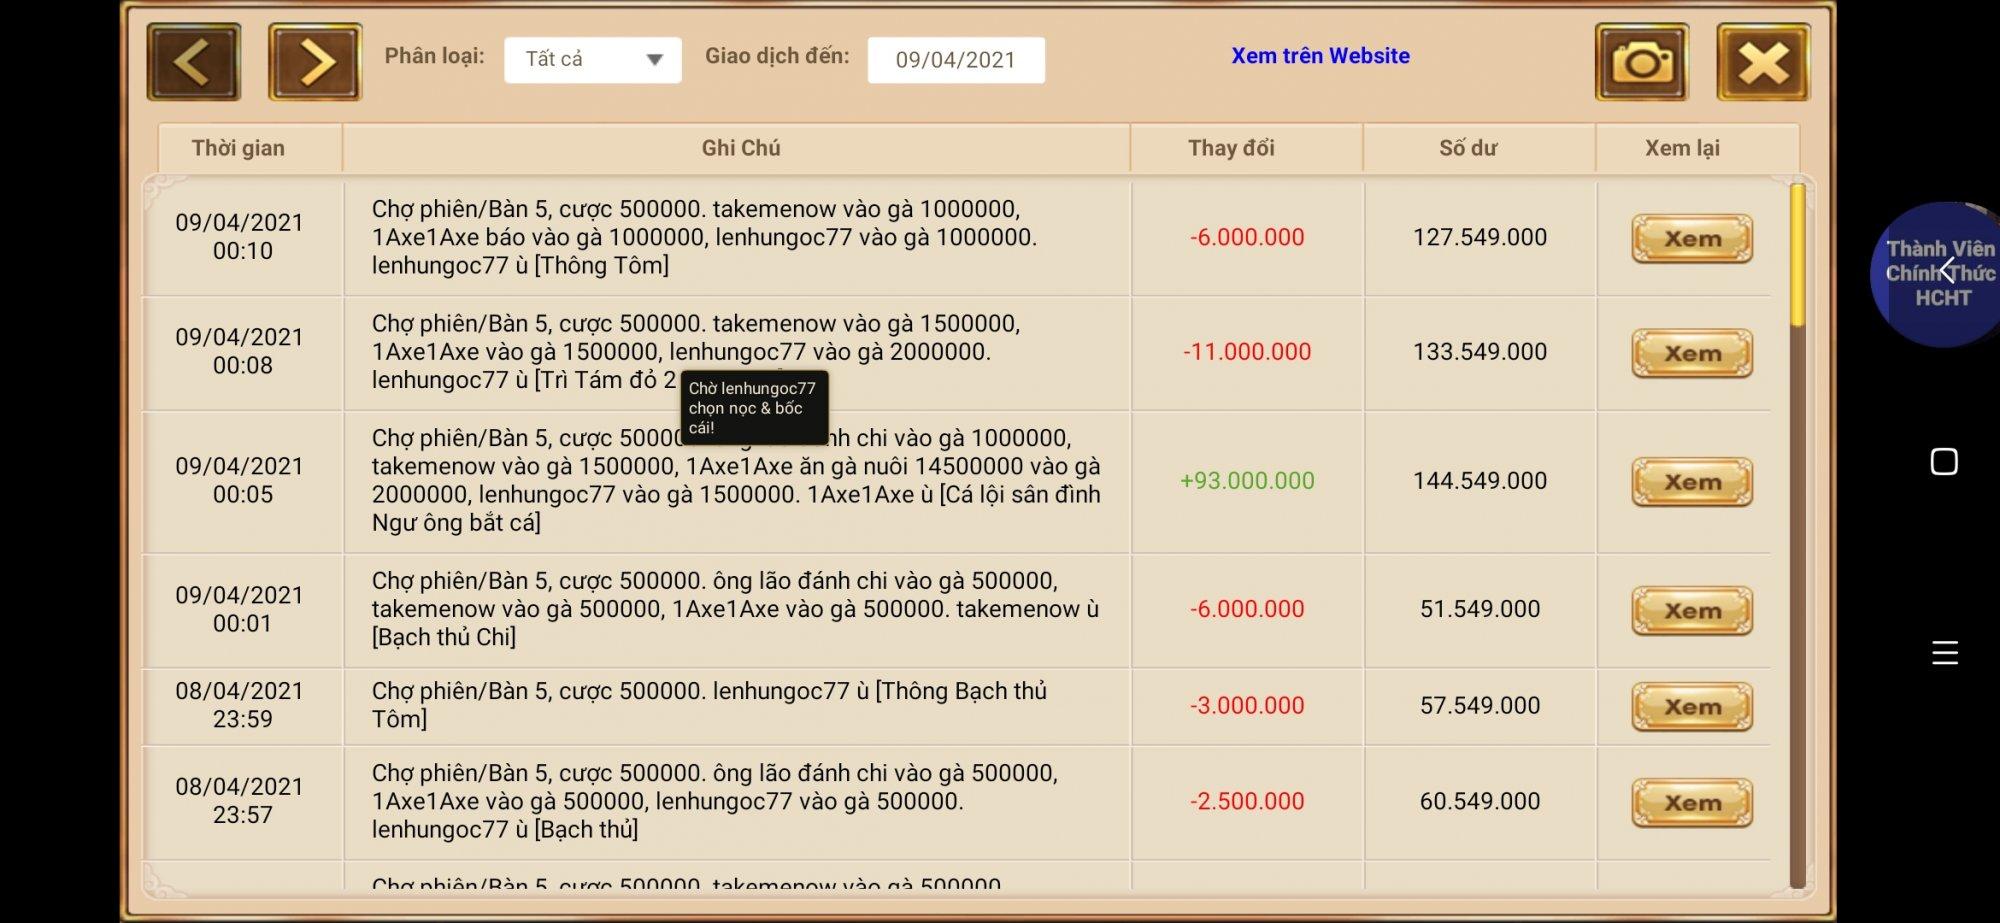 Screenshot_2021-04-09-00-11-06-367_com.thanhpv.chan.